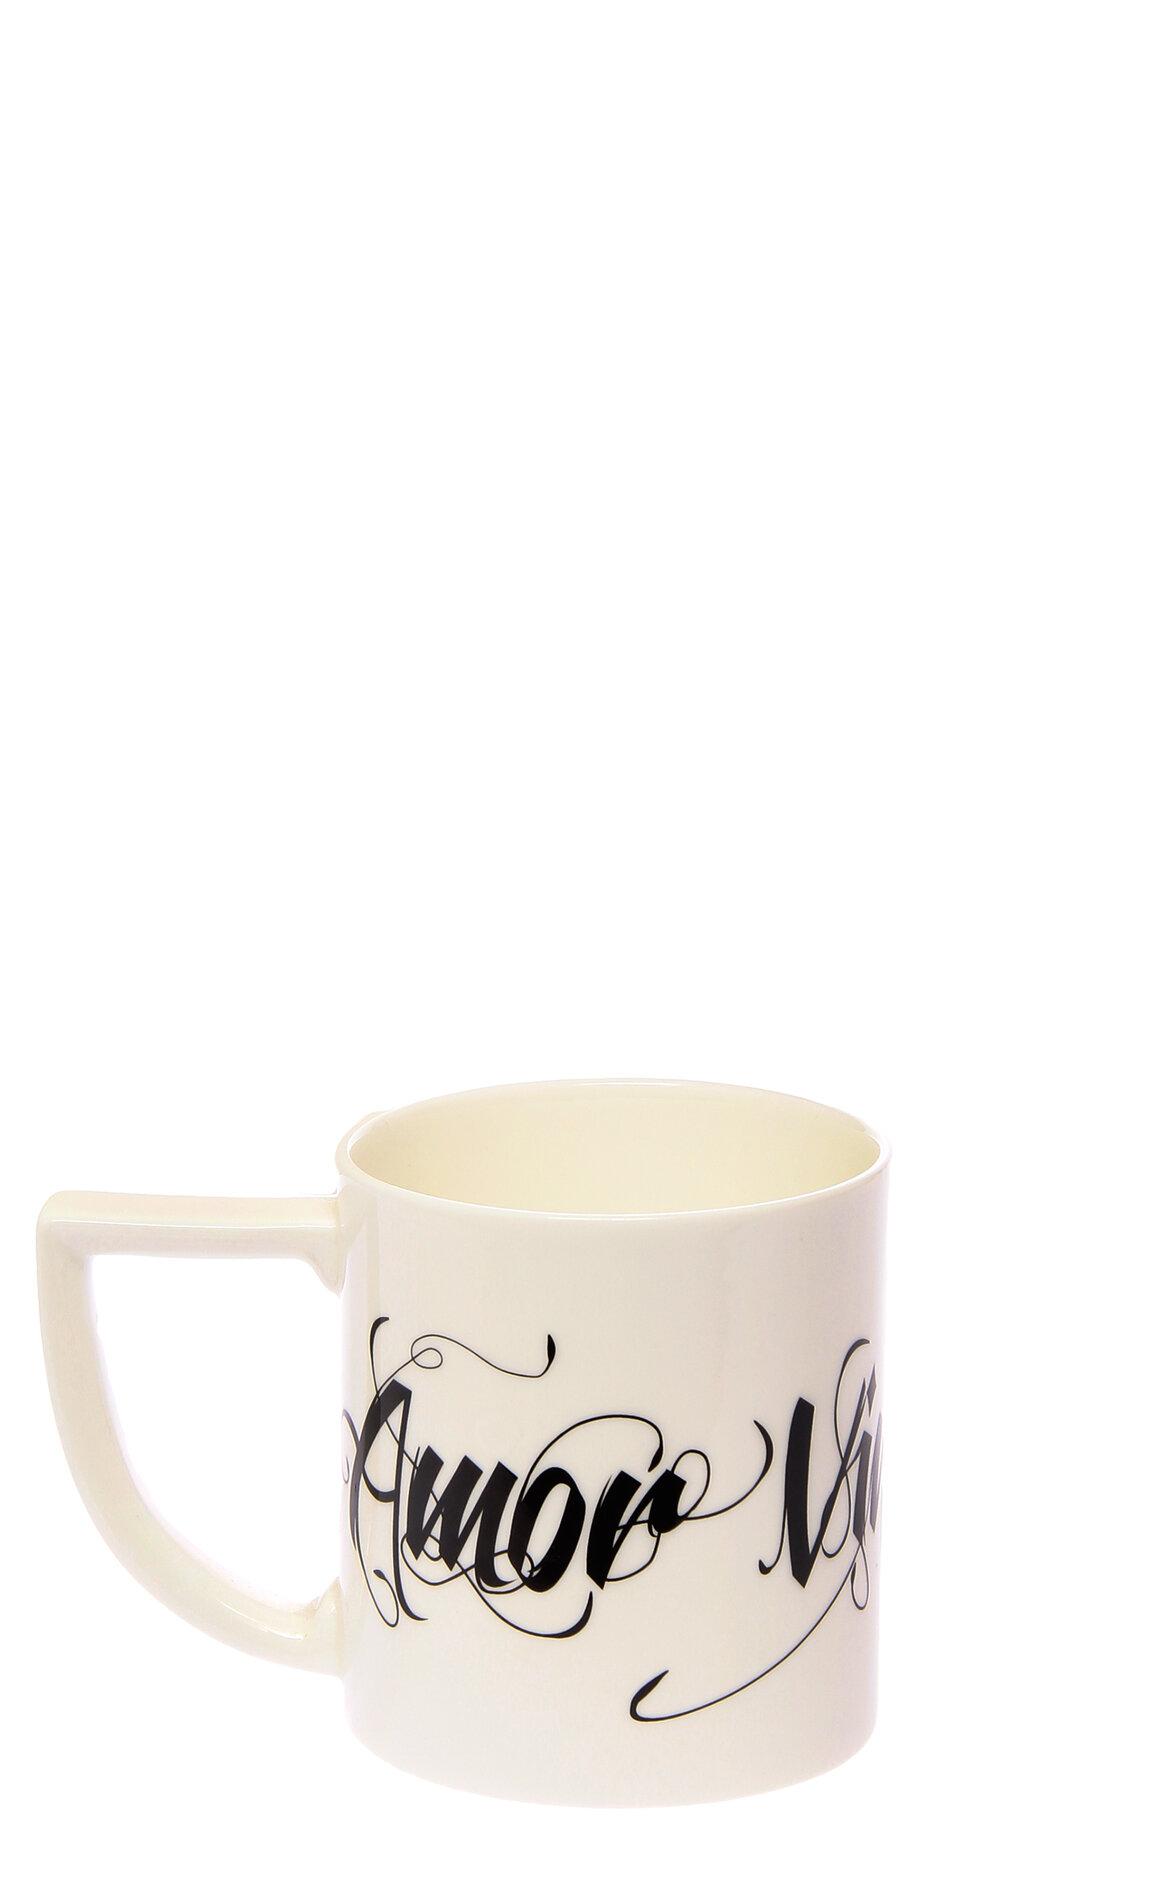 The New English Mug